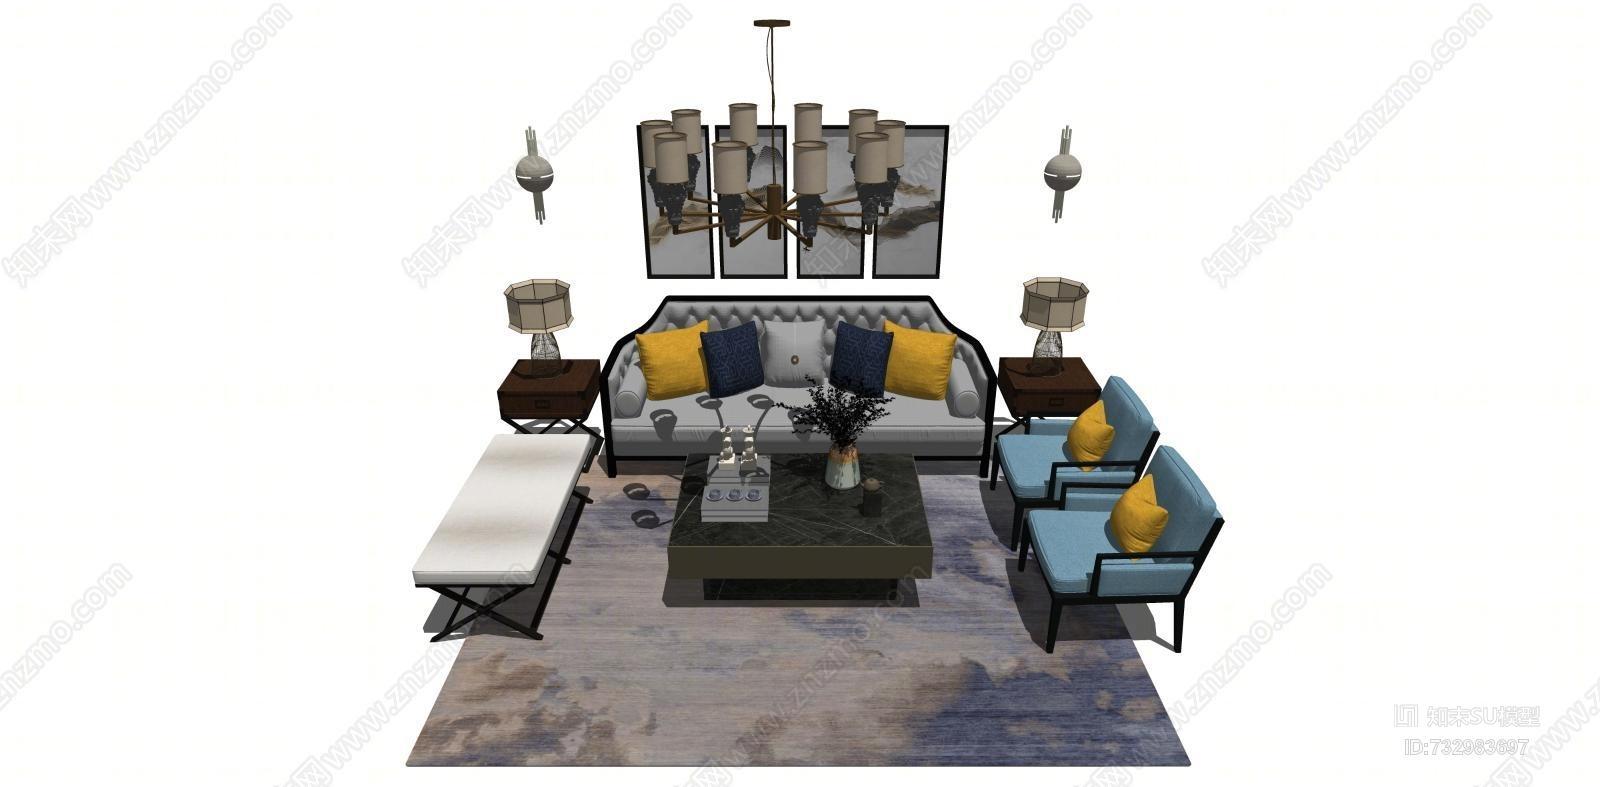 新中式沙发茶几 装饰画 吊灯 饰品摆件 墙壁饰 地毯 台灯